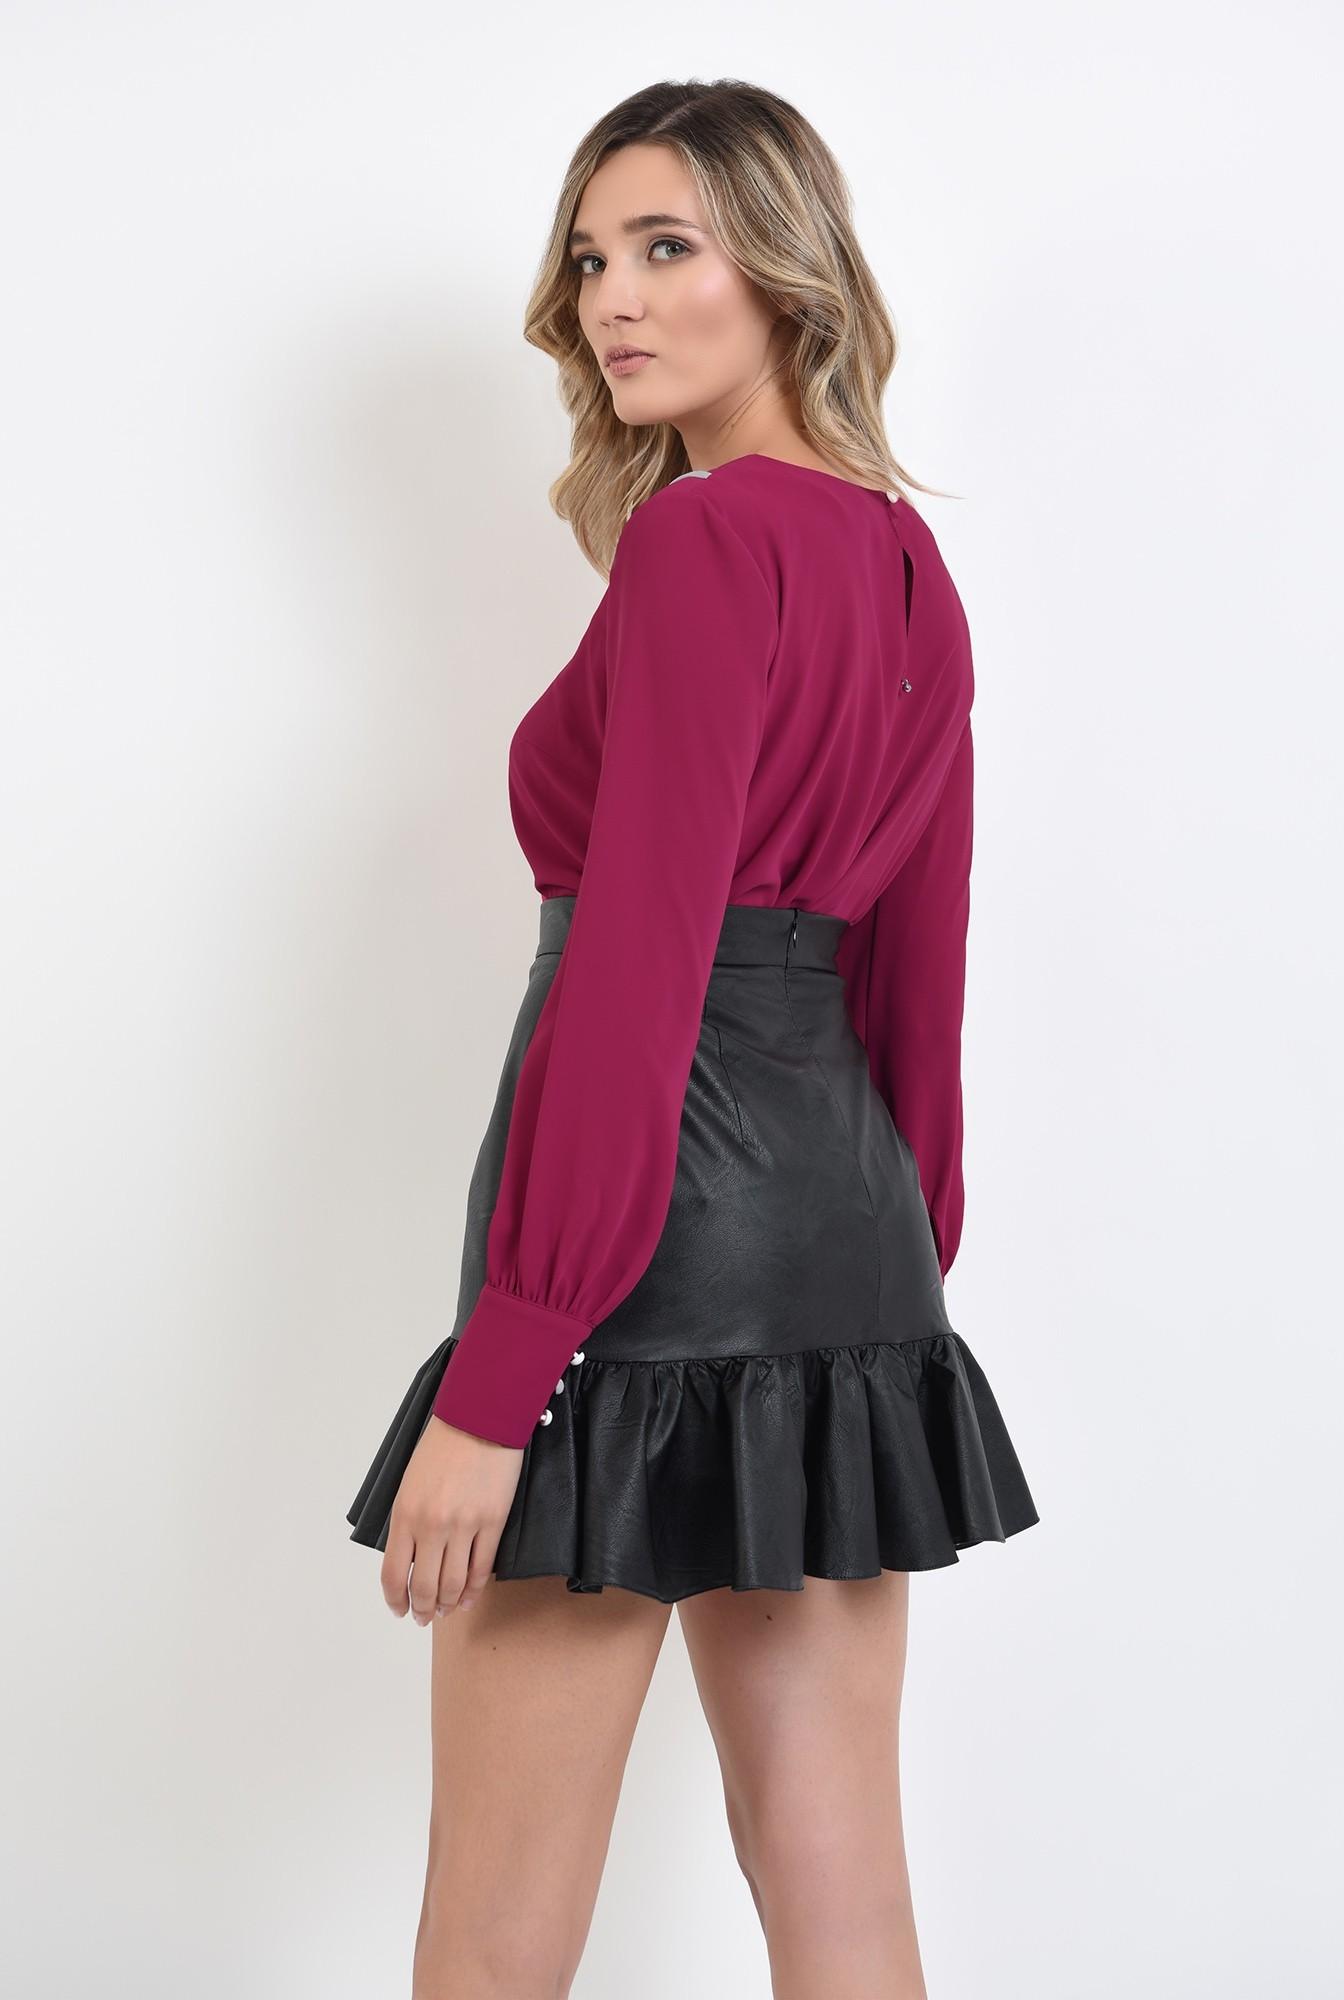 1 - bluza roz, casual, cu guler, Poema